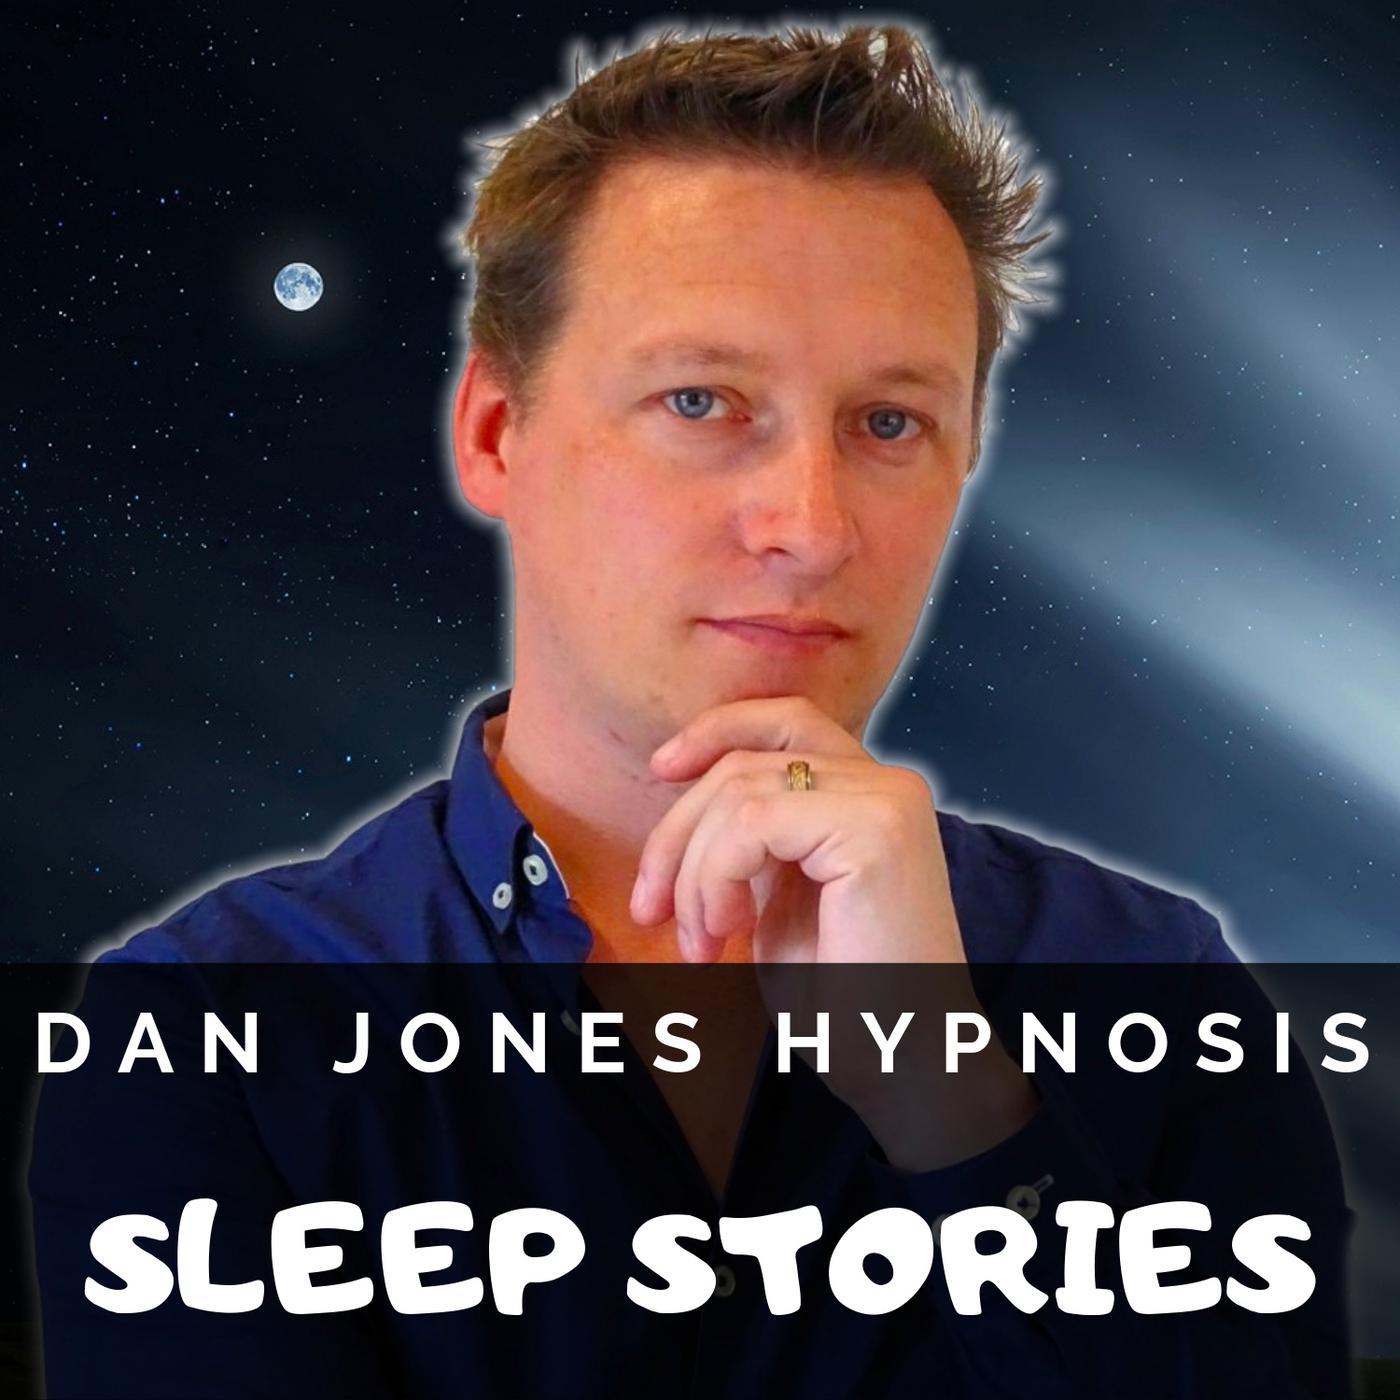 Dan Jones Hypnosis Sleep Stories (podcast) - Dan Jones | Listen Notes